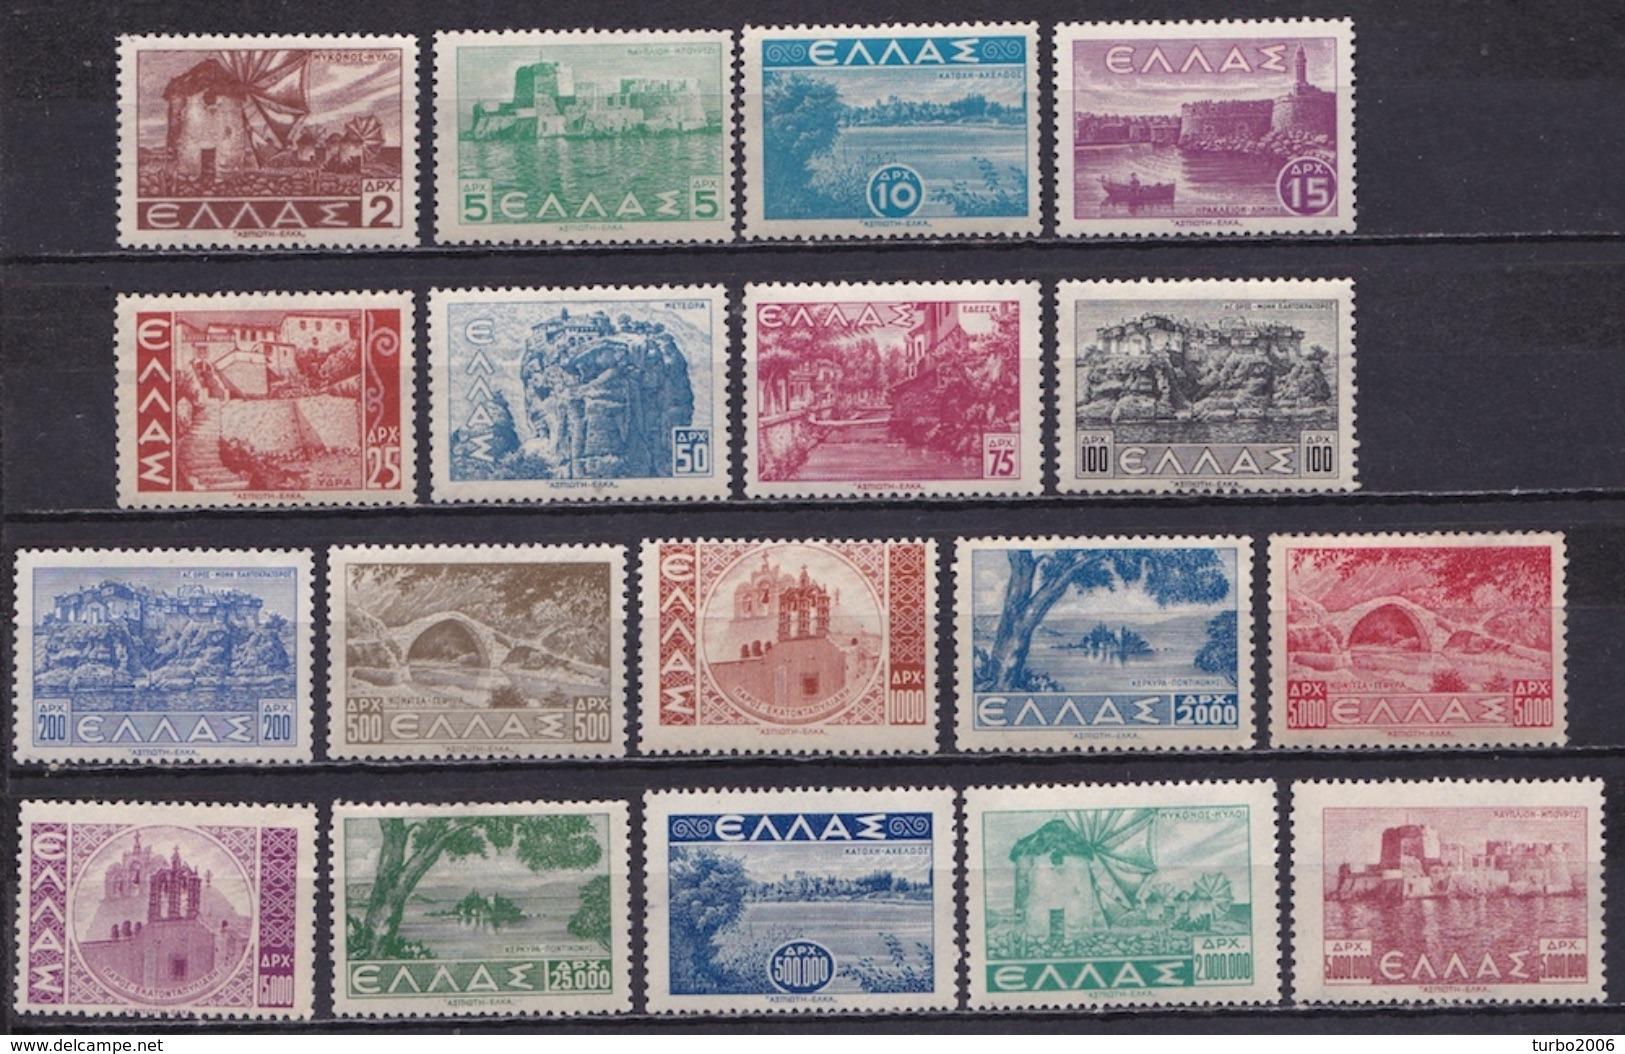 GREECE 1942-44 Landscapes Complete MNH Set Vl. 533 / 550 - Ongebruikt